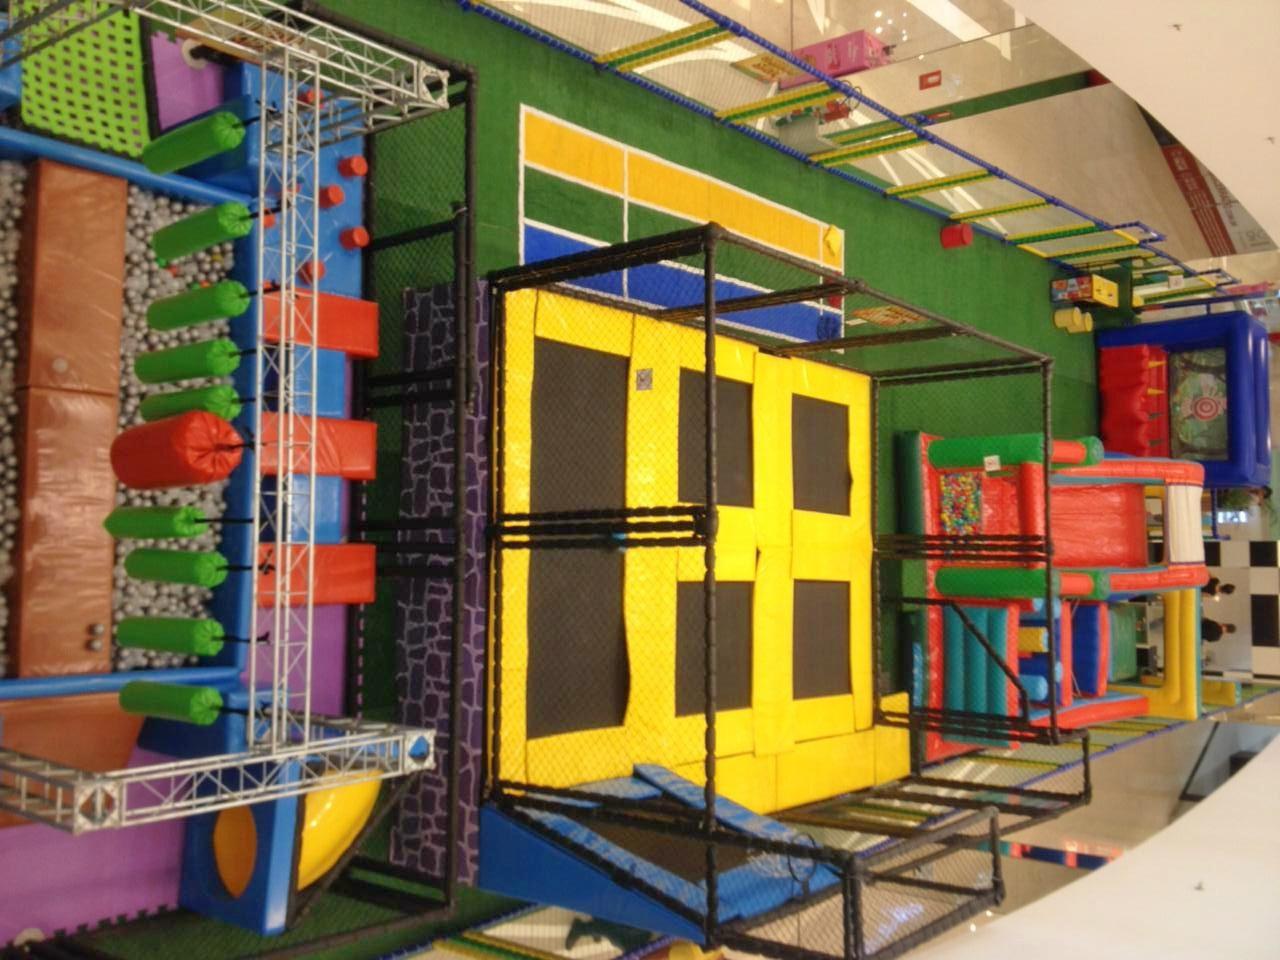 Nova atração de shopping em Goiânia estimula competição esportiva entre crianças